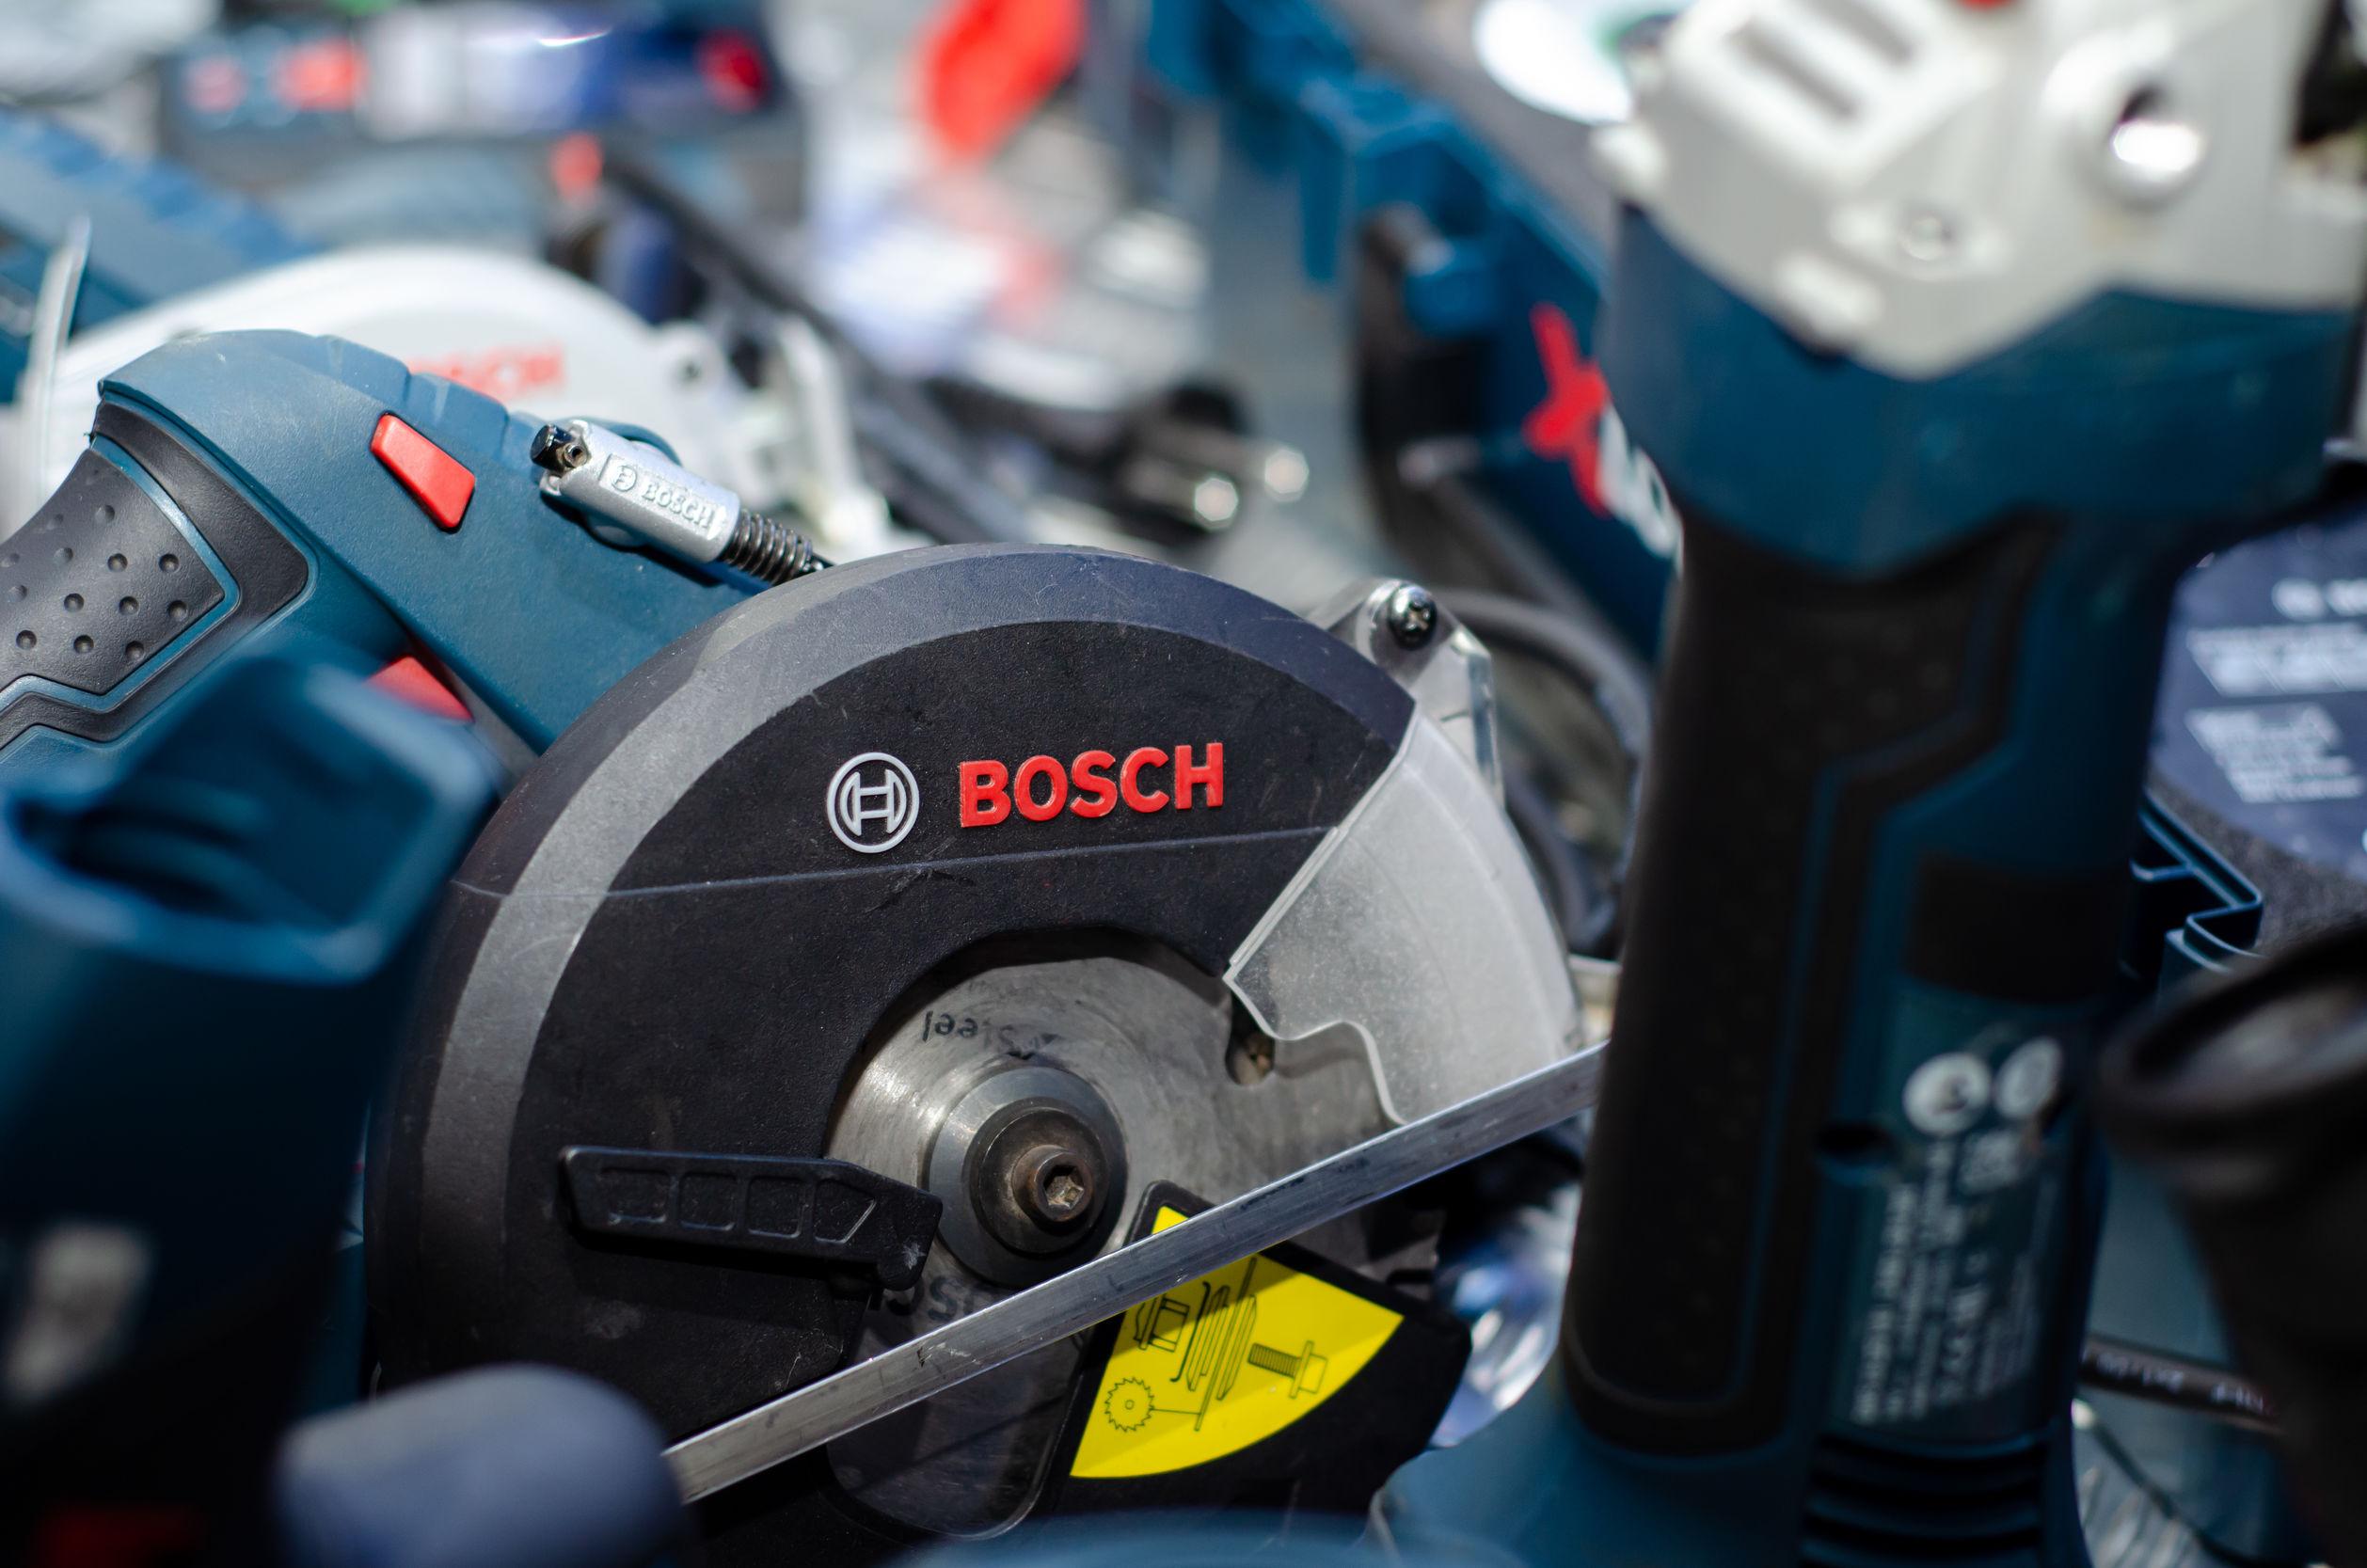 Esmerilhadeira Bosch: Como escolher a melhor em 2021?